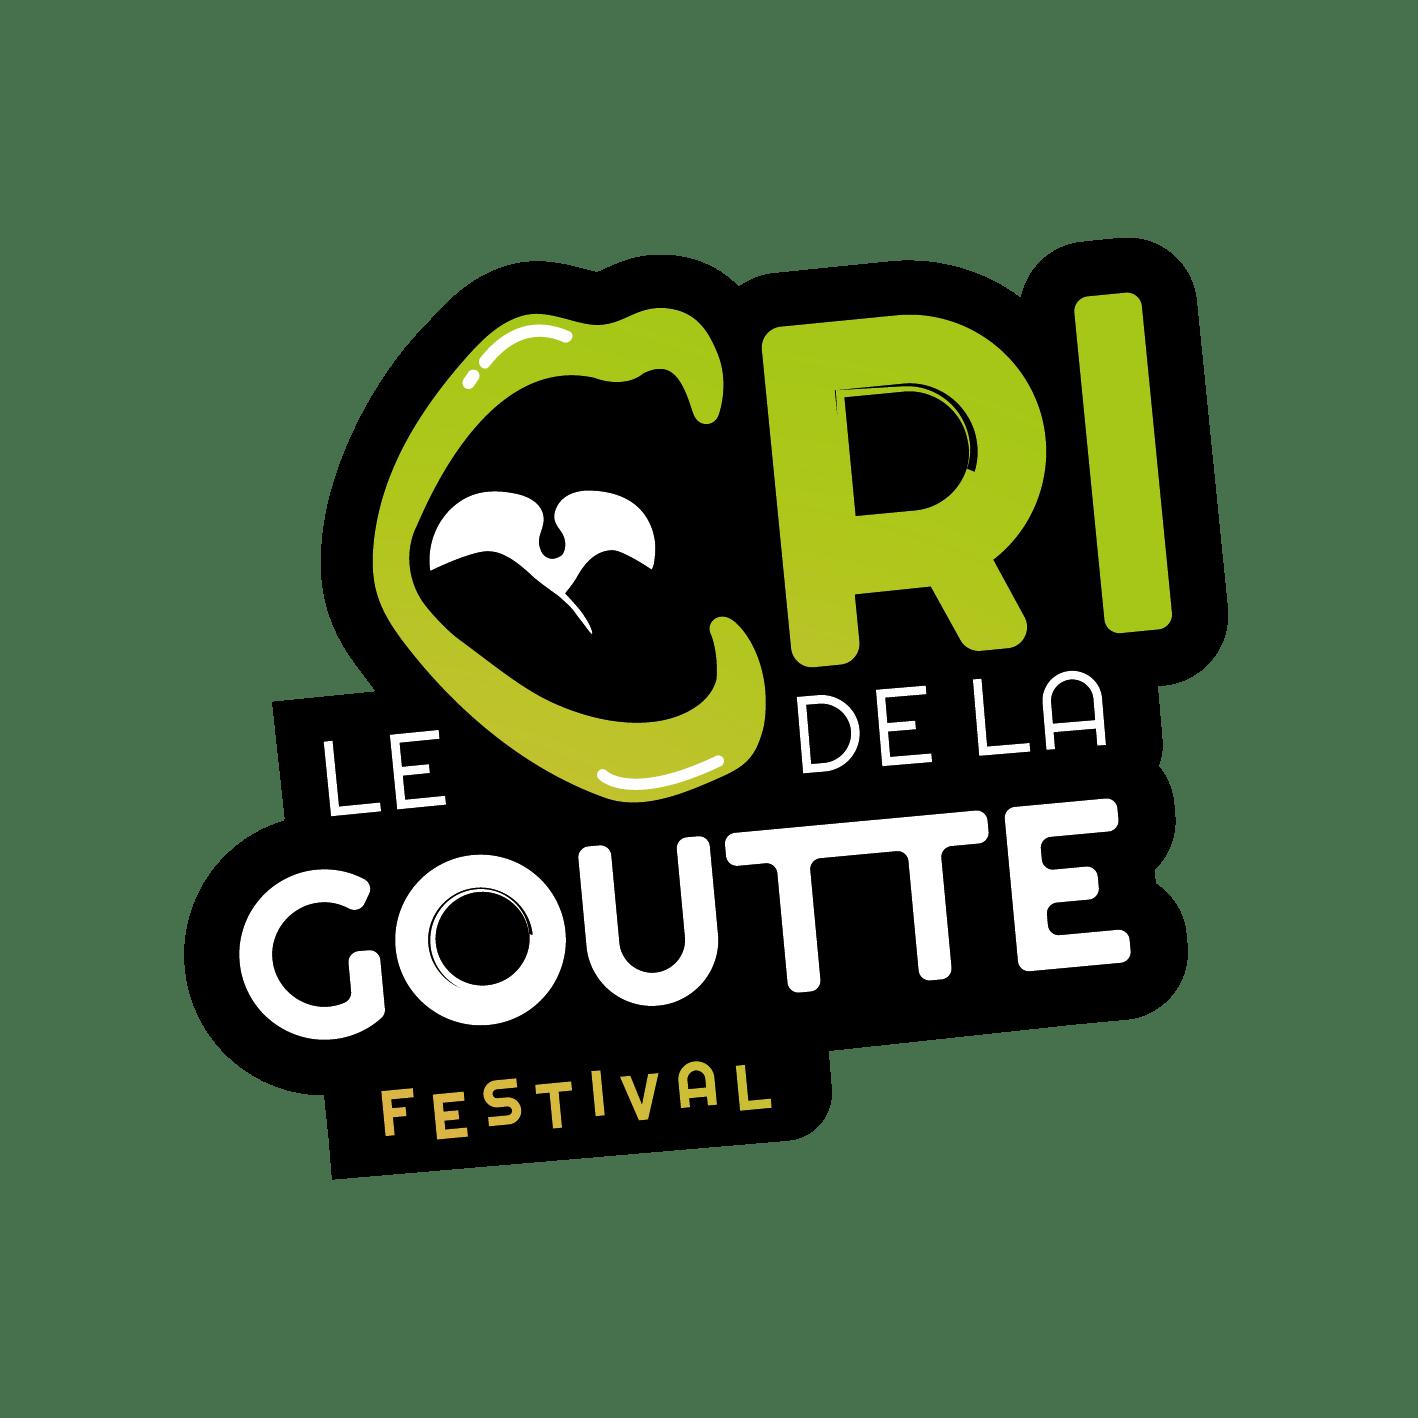 Logo Cri de la goutte, festival sponsorisé par A.R.D.E. Diagnostics immobiliers